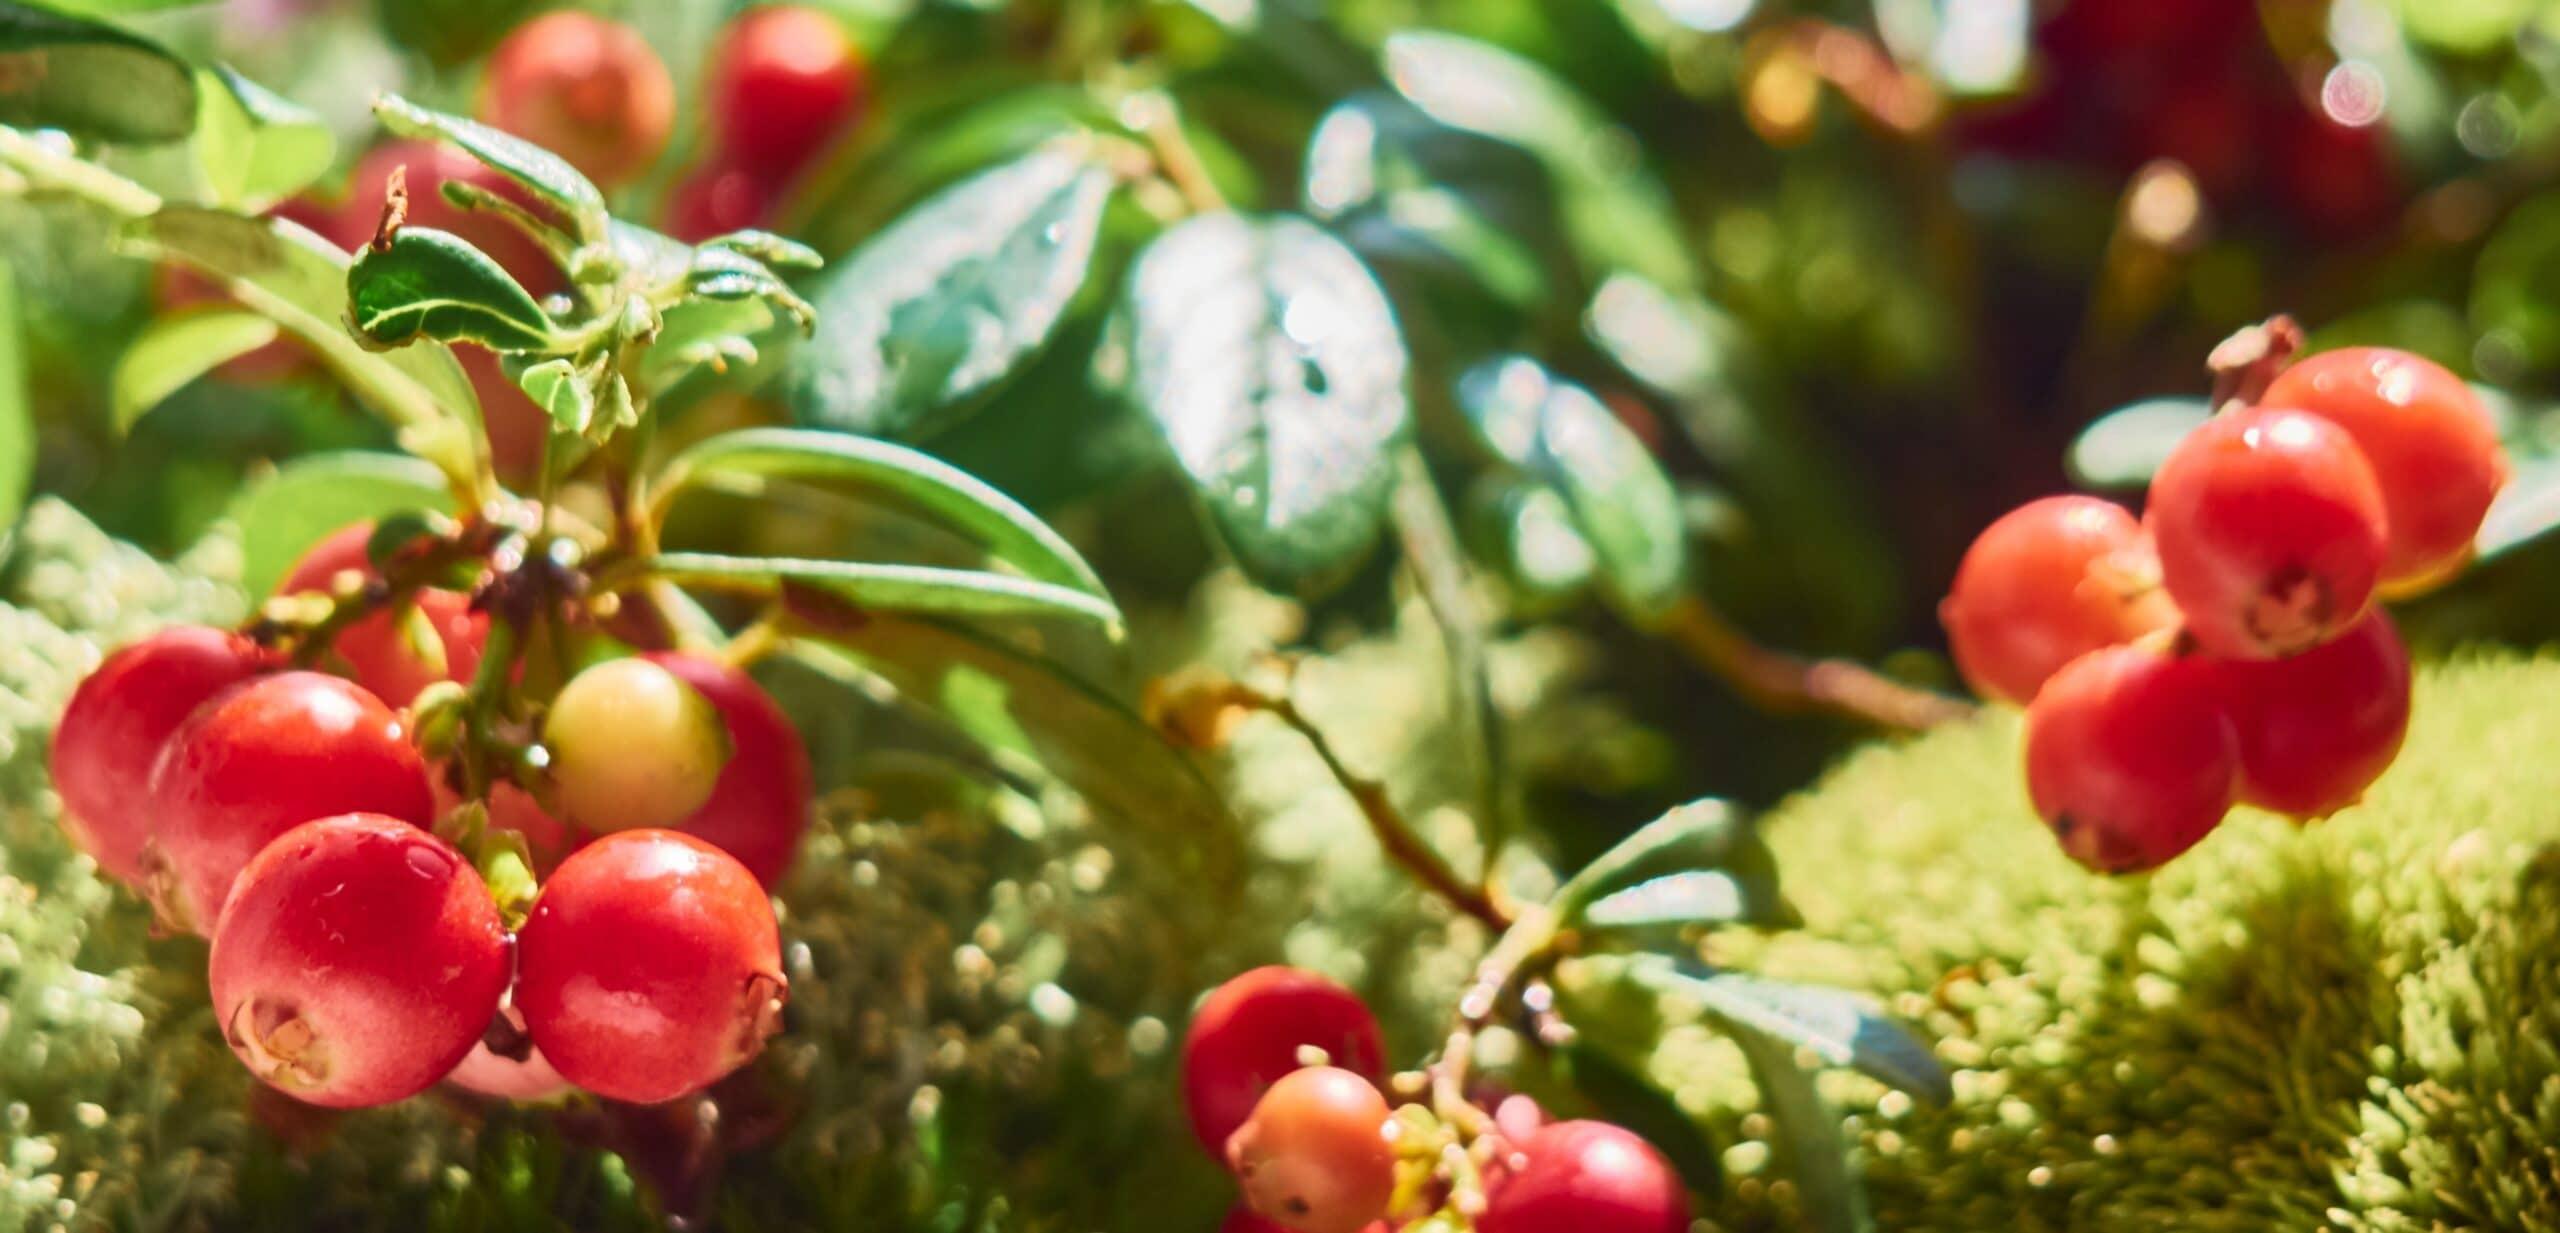 Mirtillo rosso Ericacee